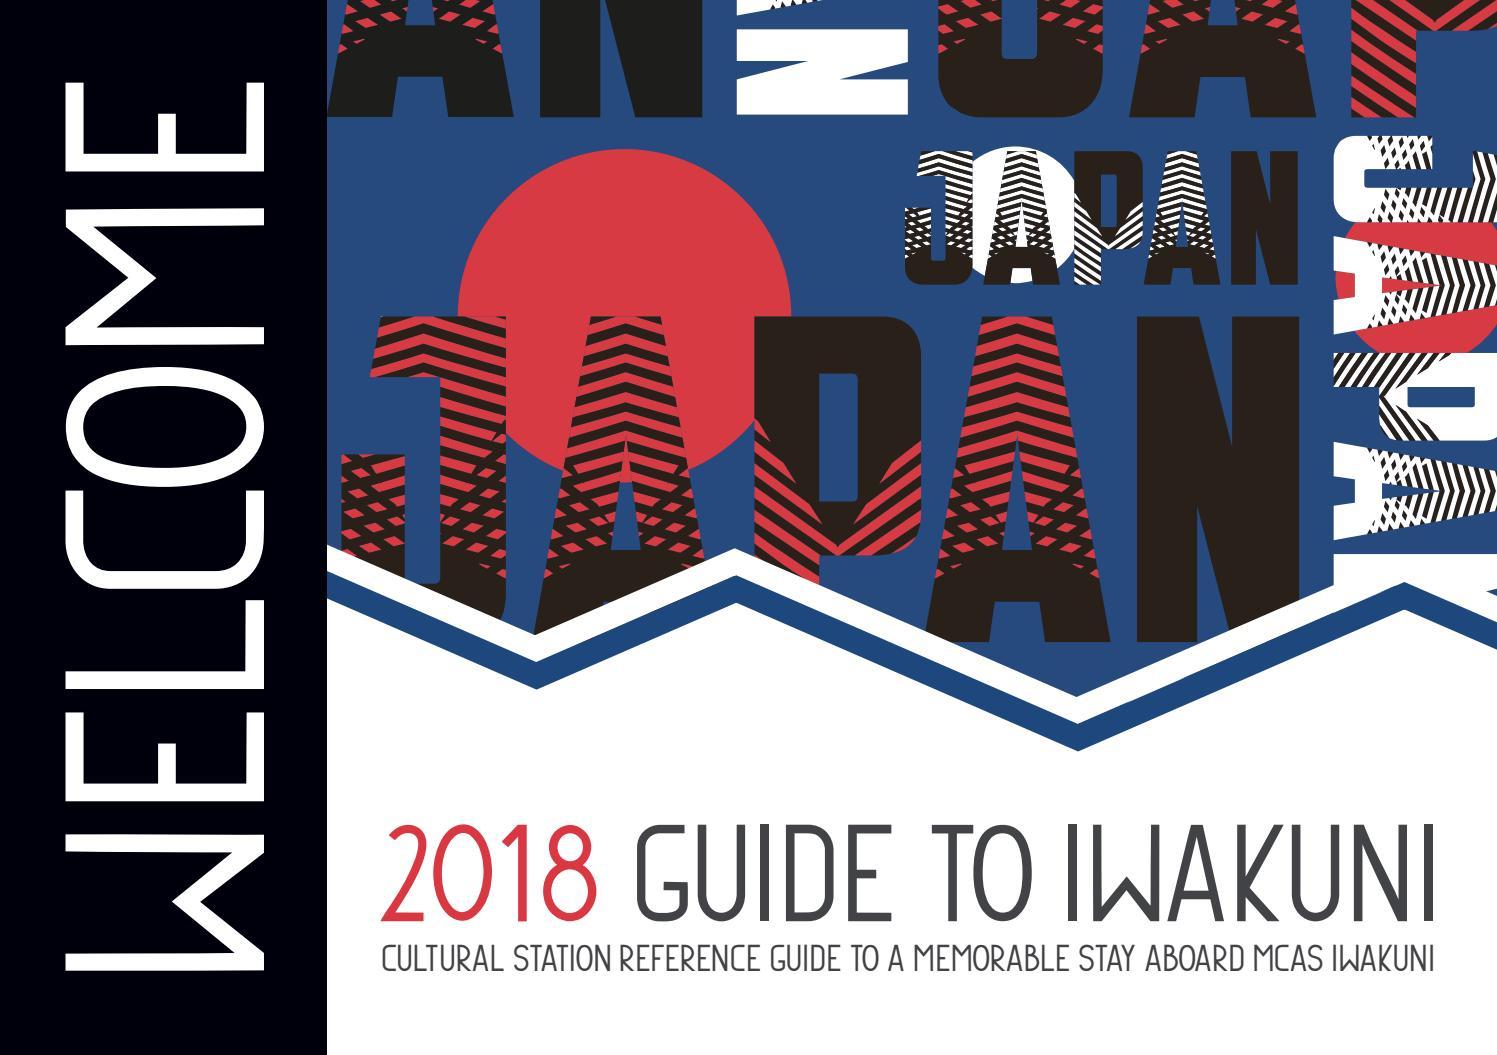 2018 Welcome Guide to Iwakuni by MCCS Iwakuni - issuu